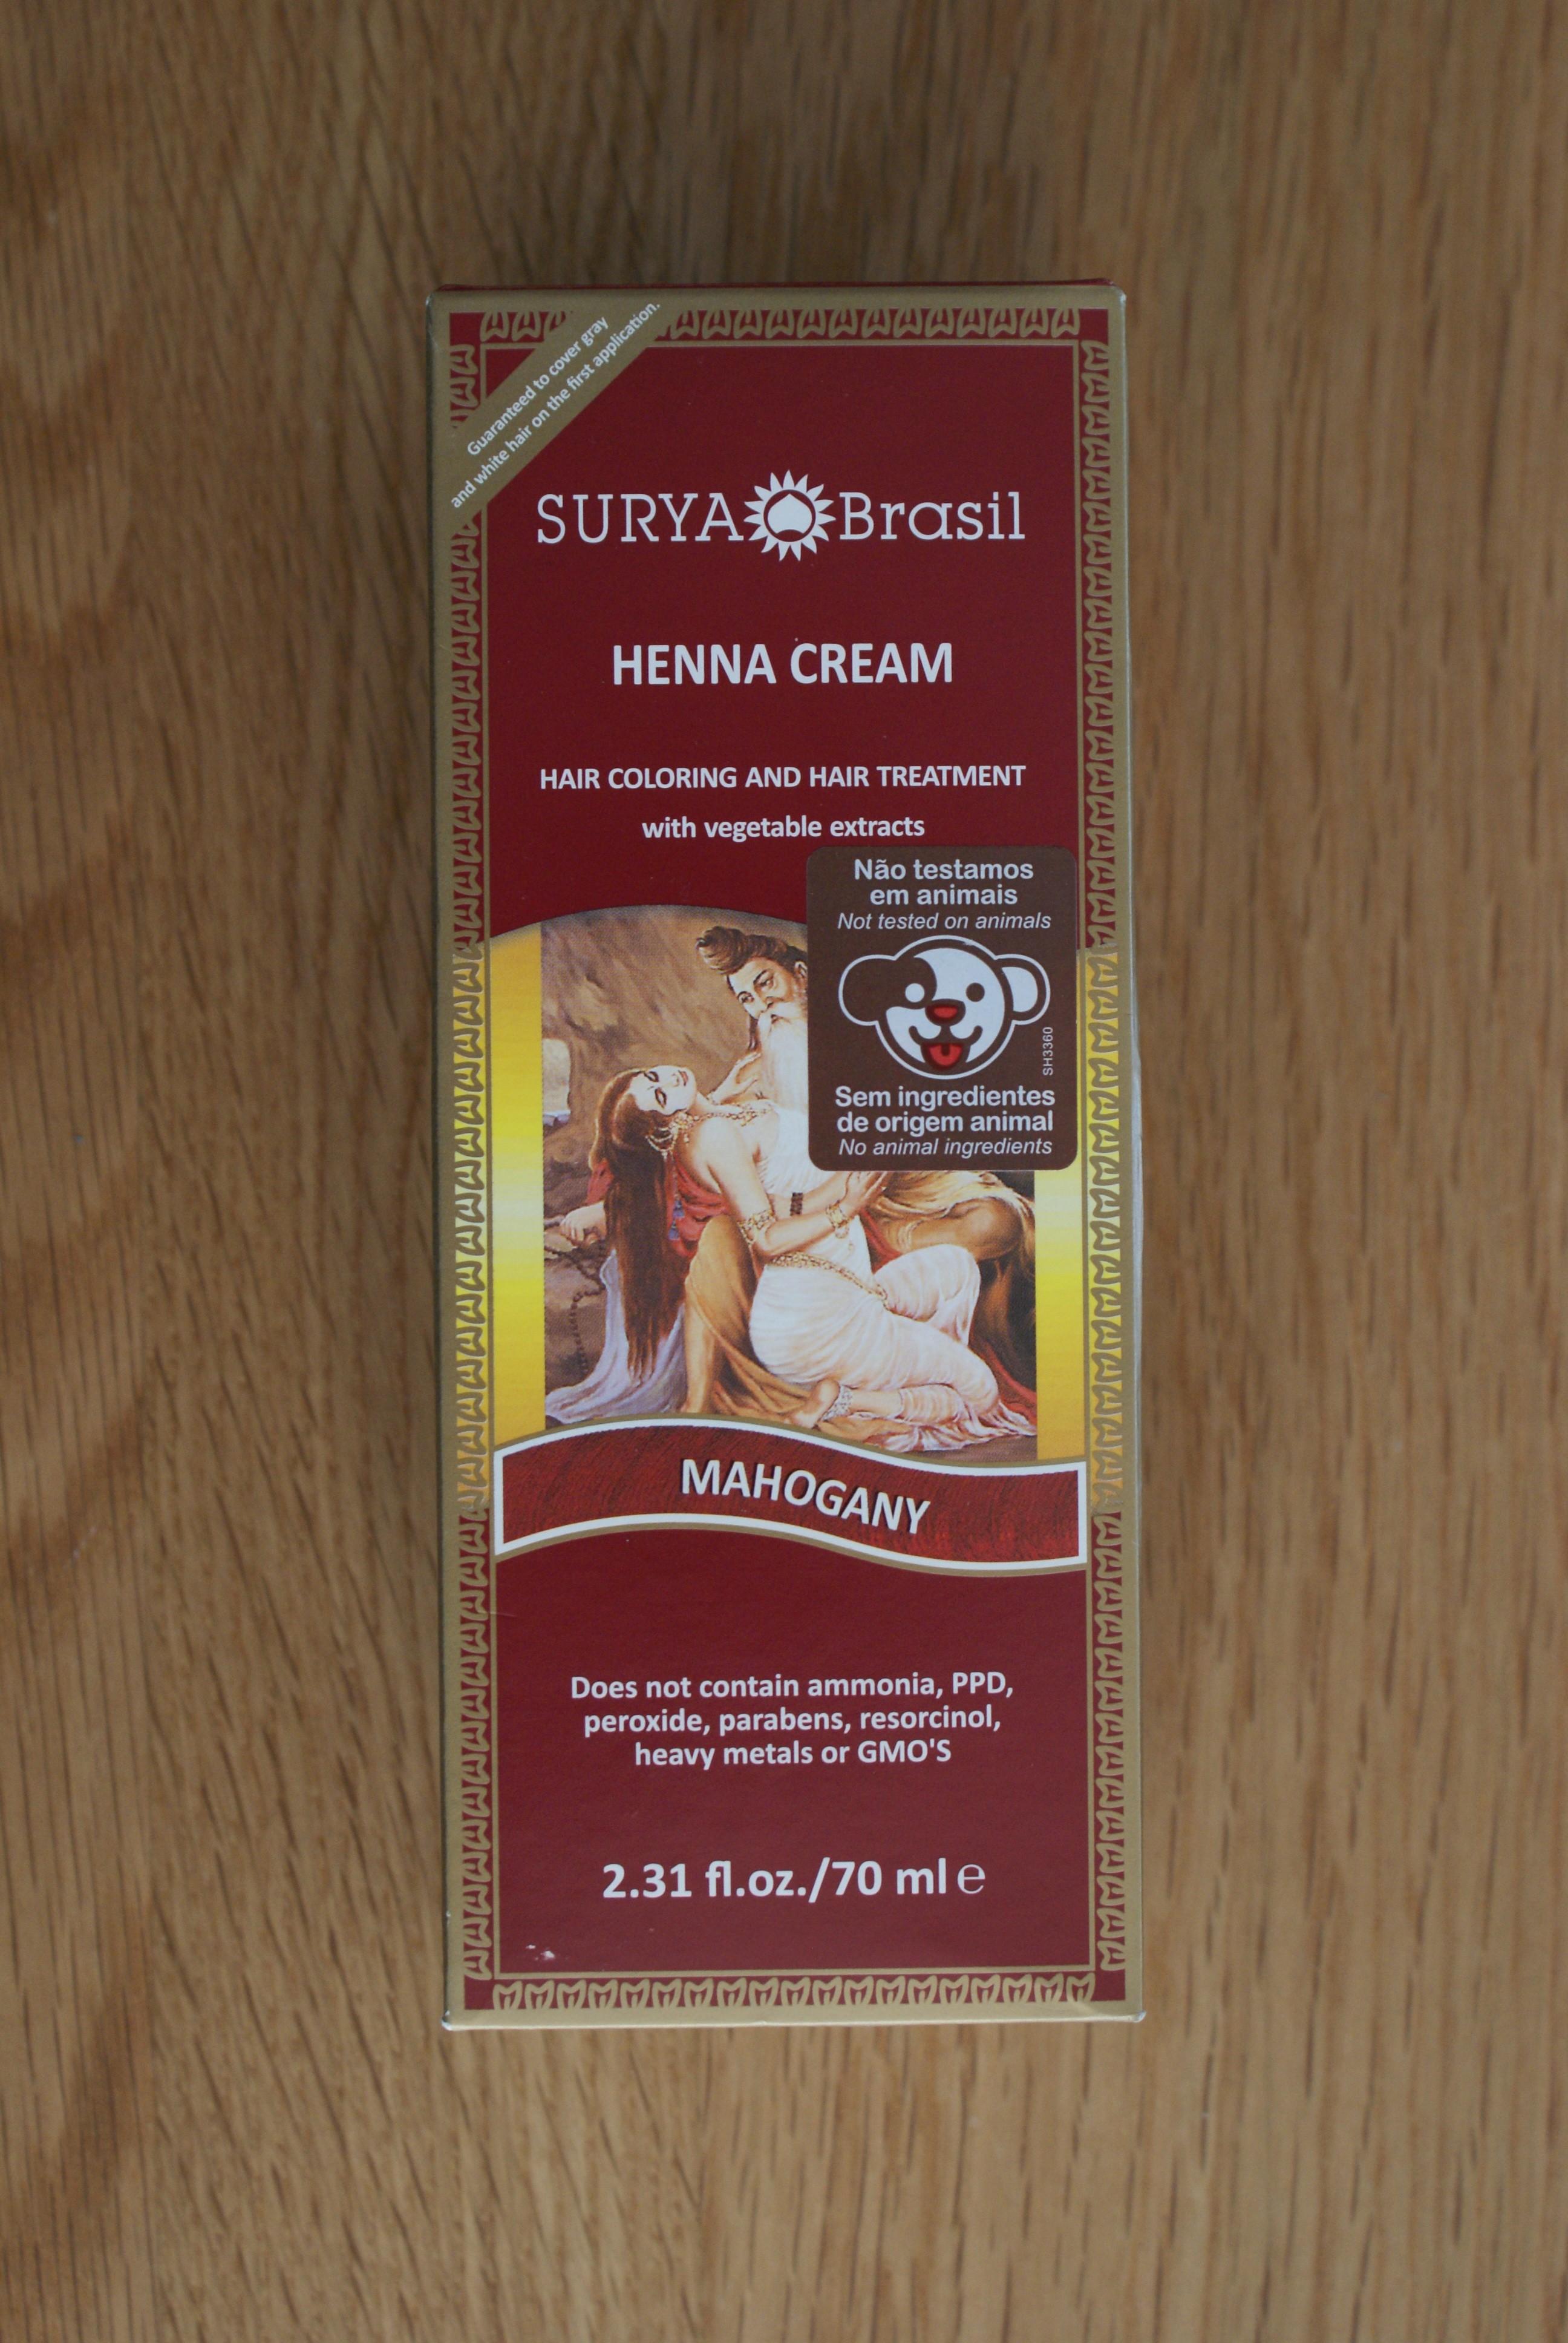 575dfe5605fa5 Surya Brasil Mahogany Henna Cream 2.31 fl.oz/70ml – Fine Fettle Foods